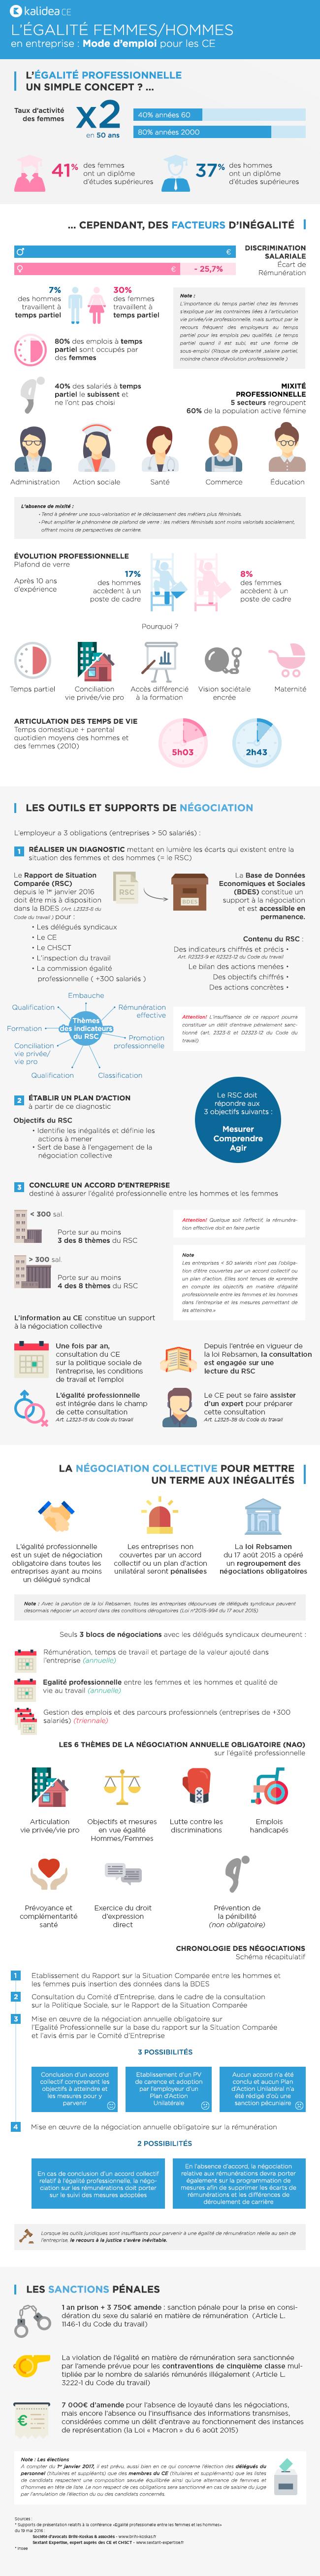 Infographie: Egalité professionnelle Femmes-Hommes, mode d'emploi pour les comités d'entreprise